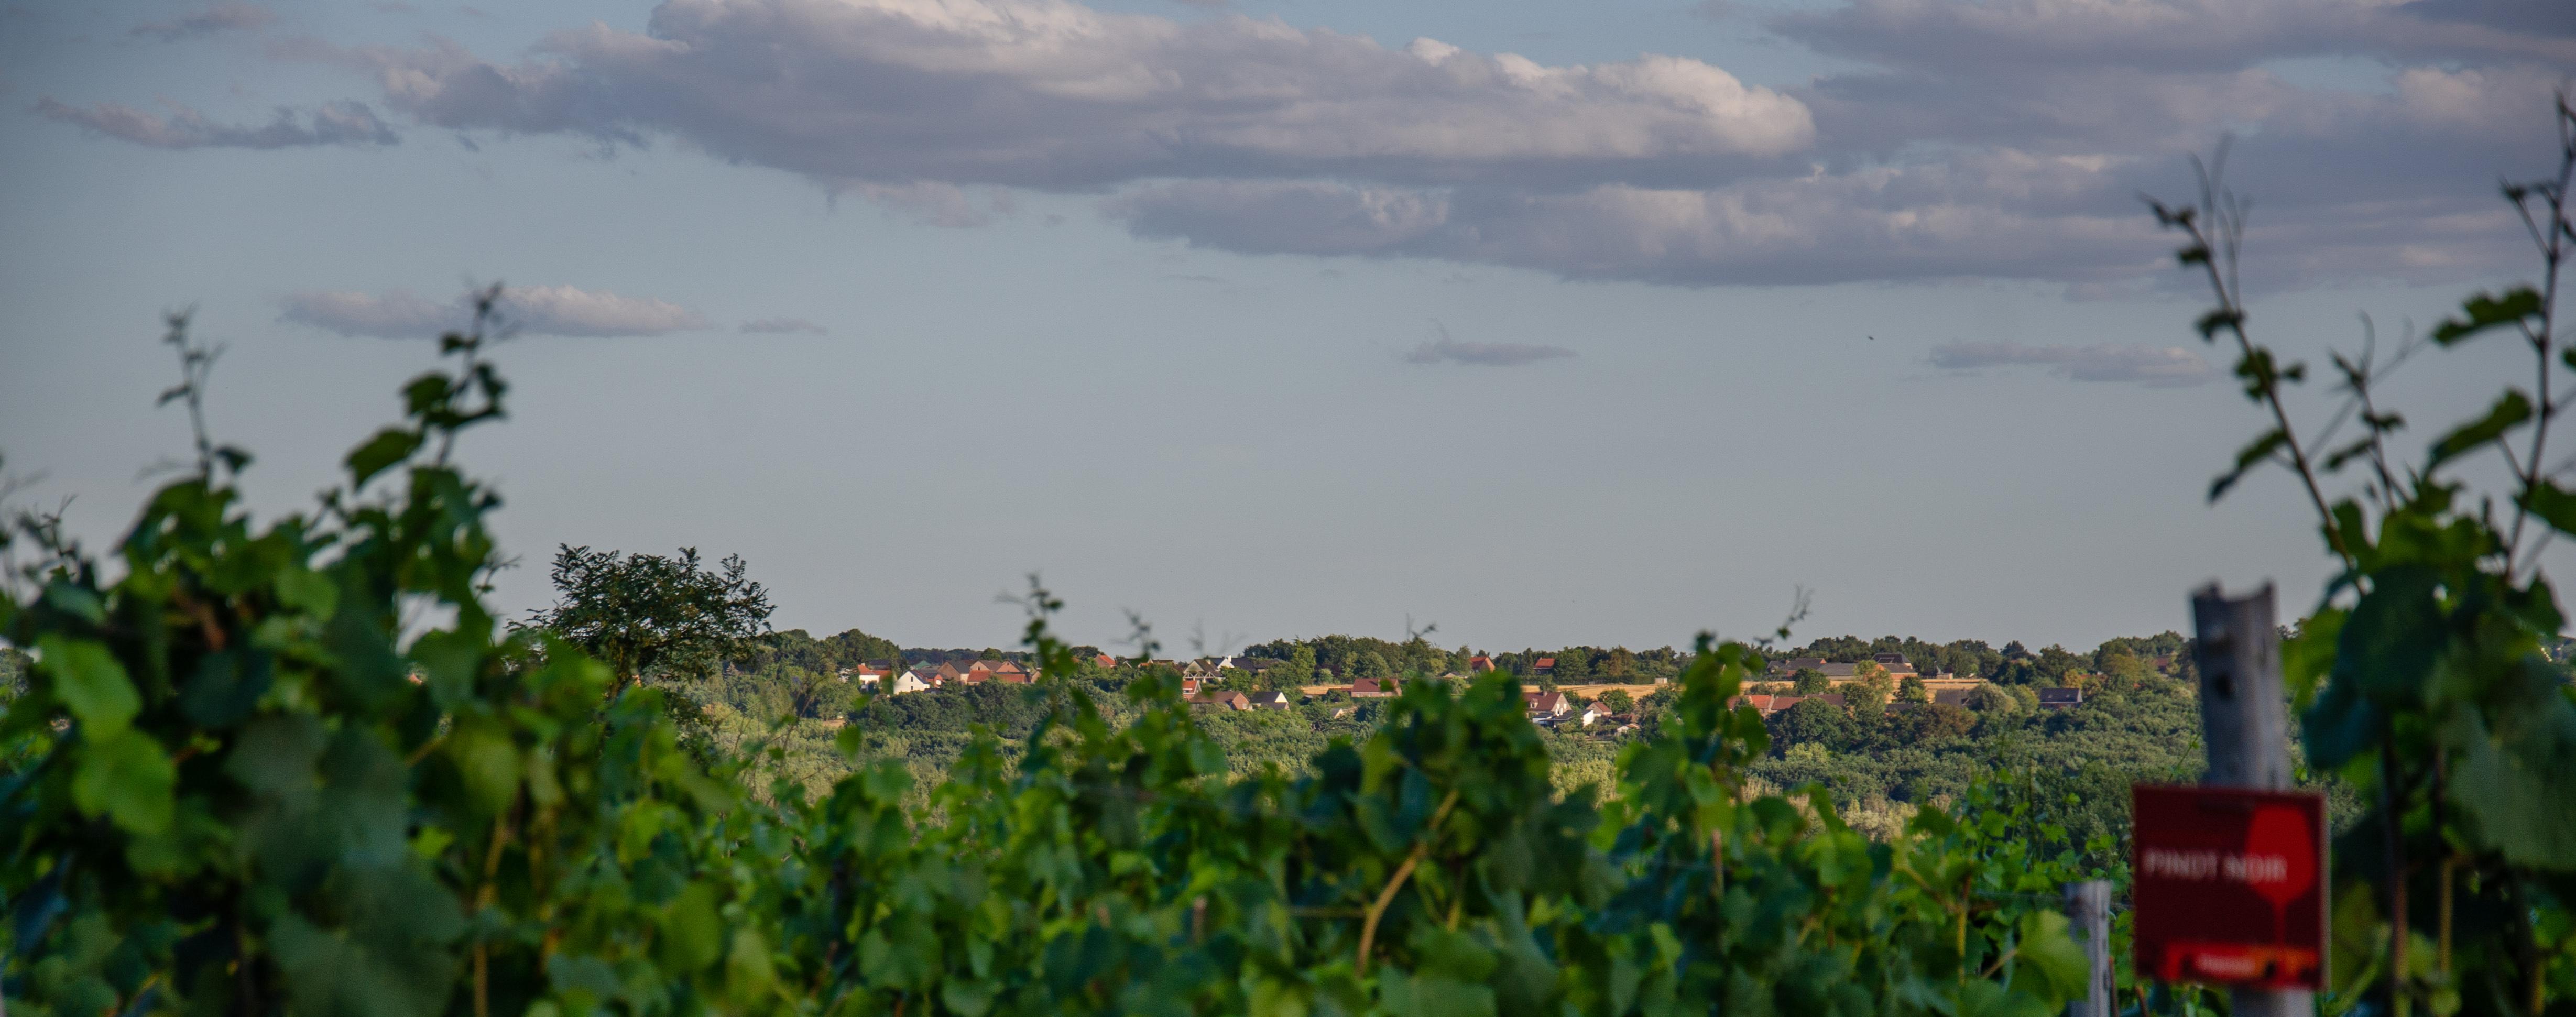 Zicht vanop de wijngaard